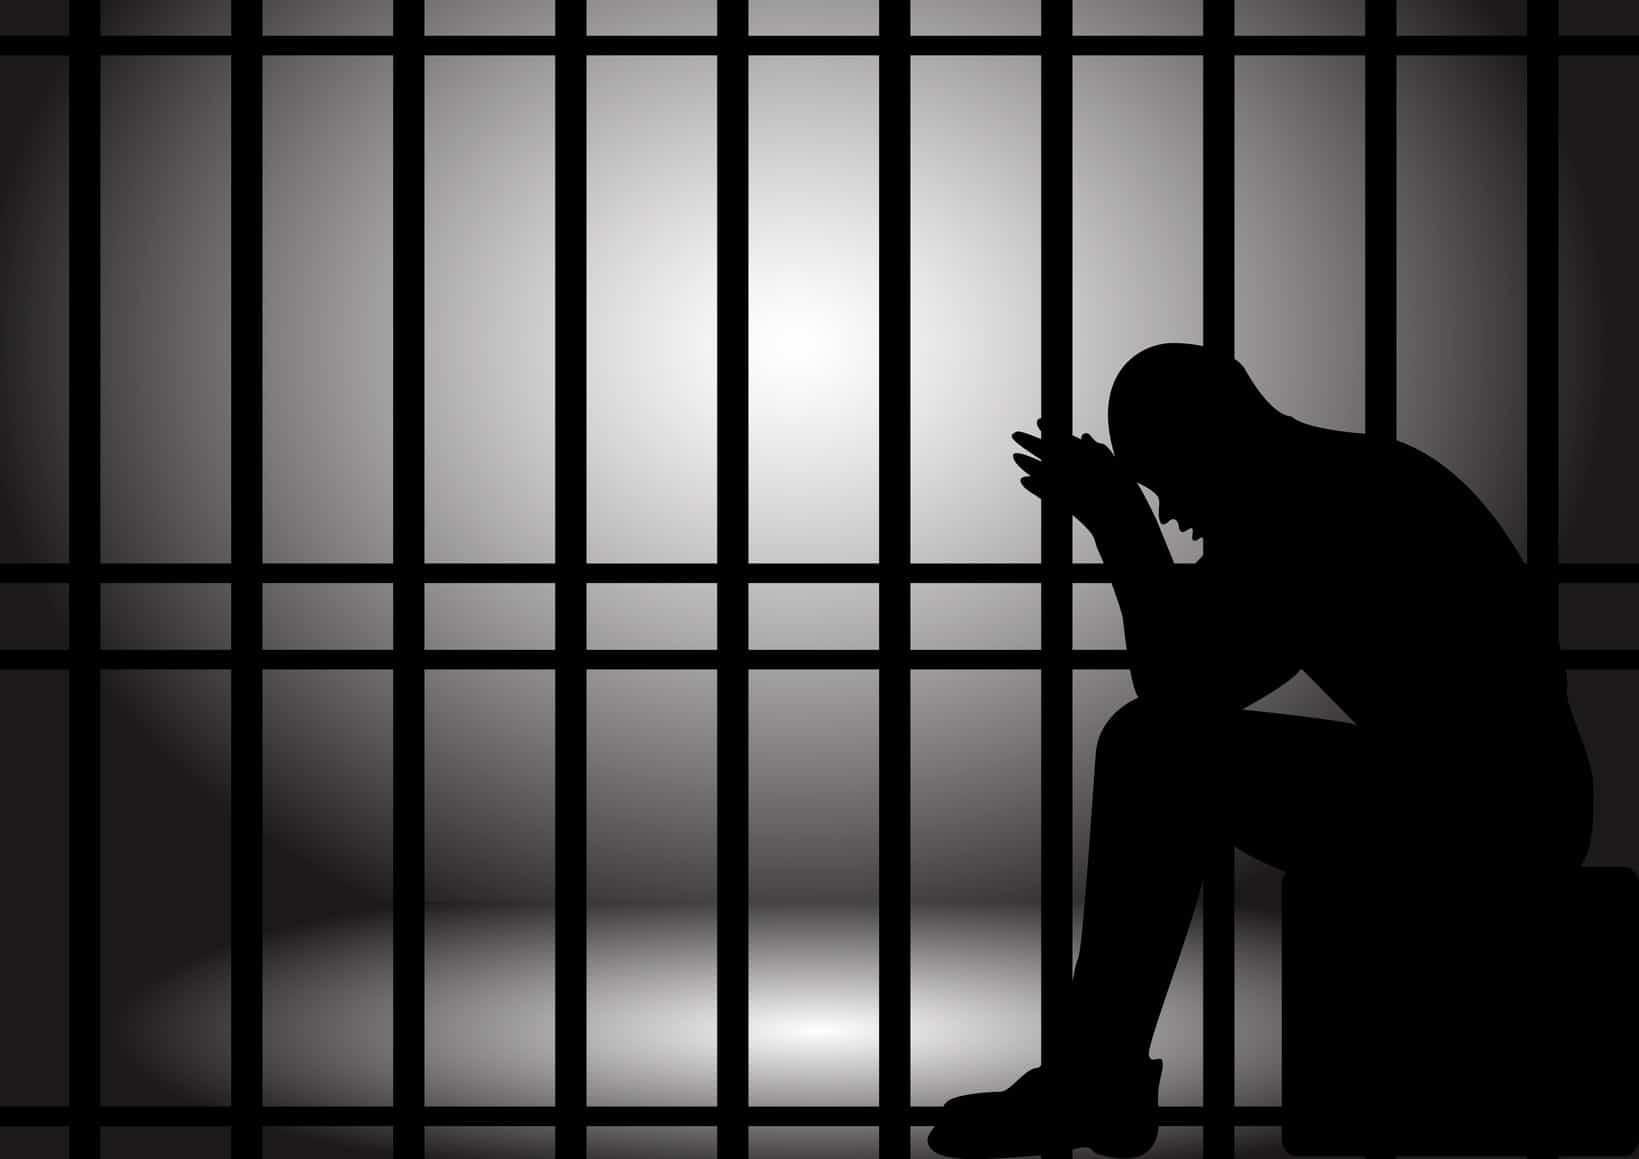 رؤية-السجن-في-المنام